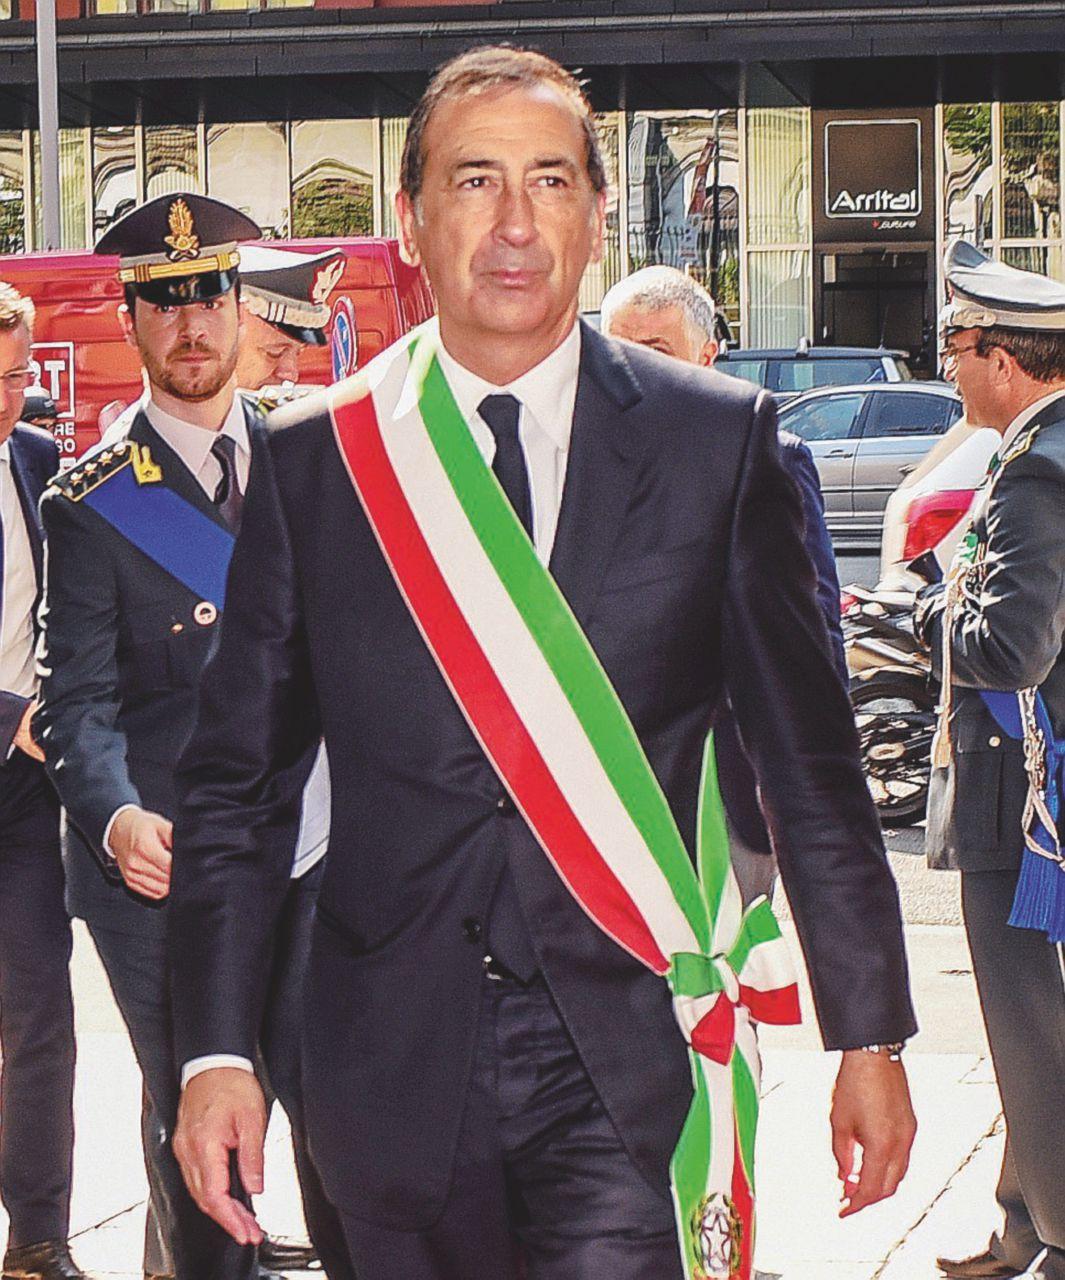 Milano, altro che promesse renziane: la provincia fa crac